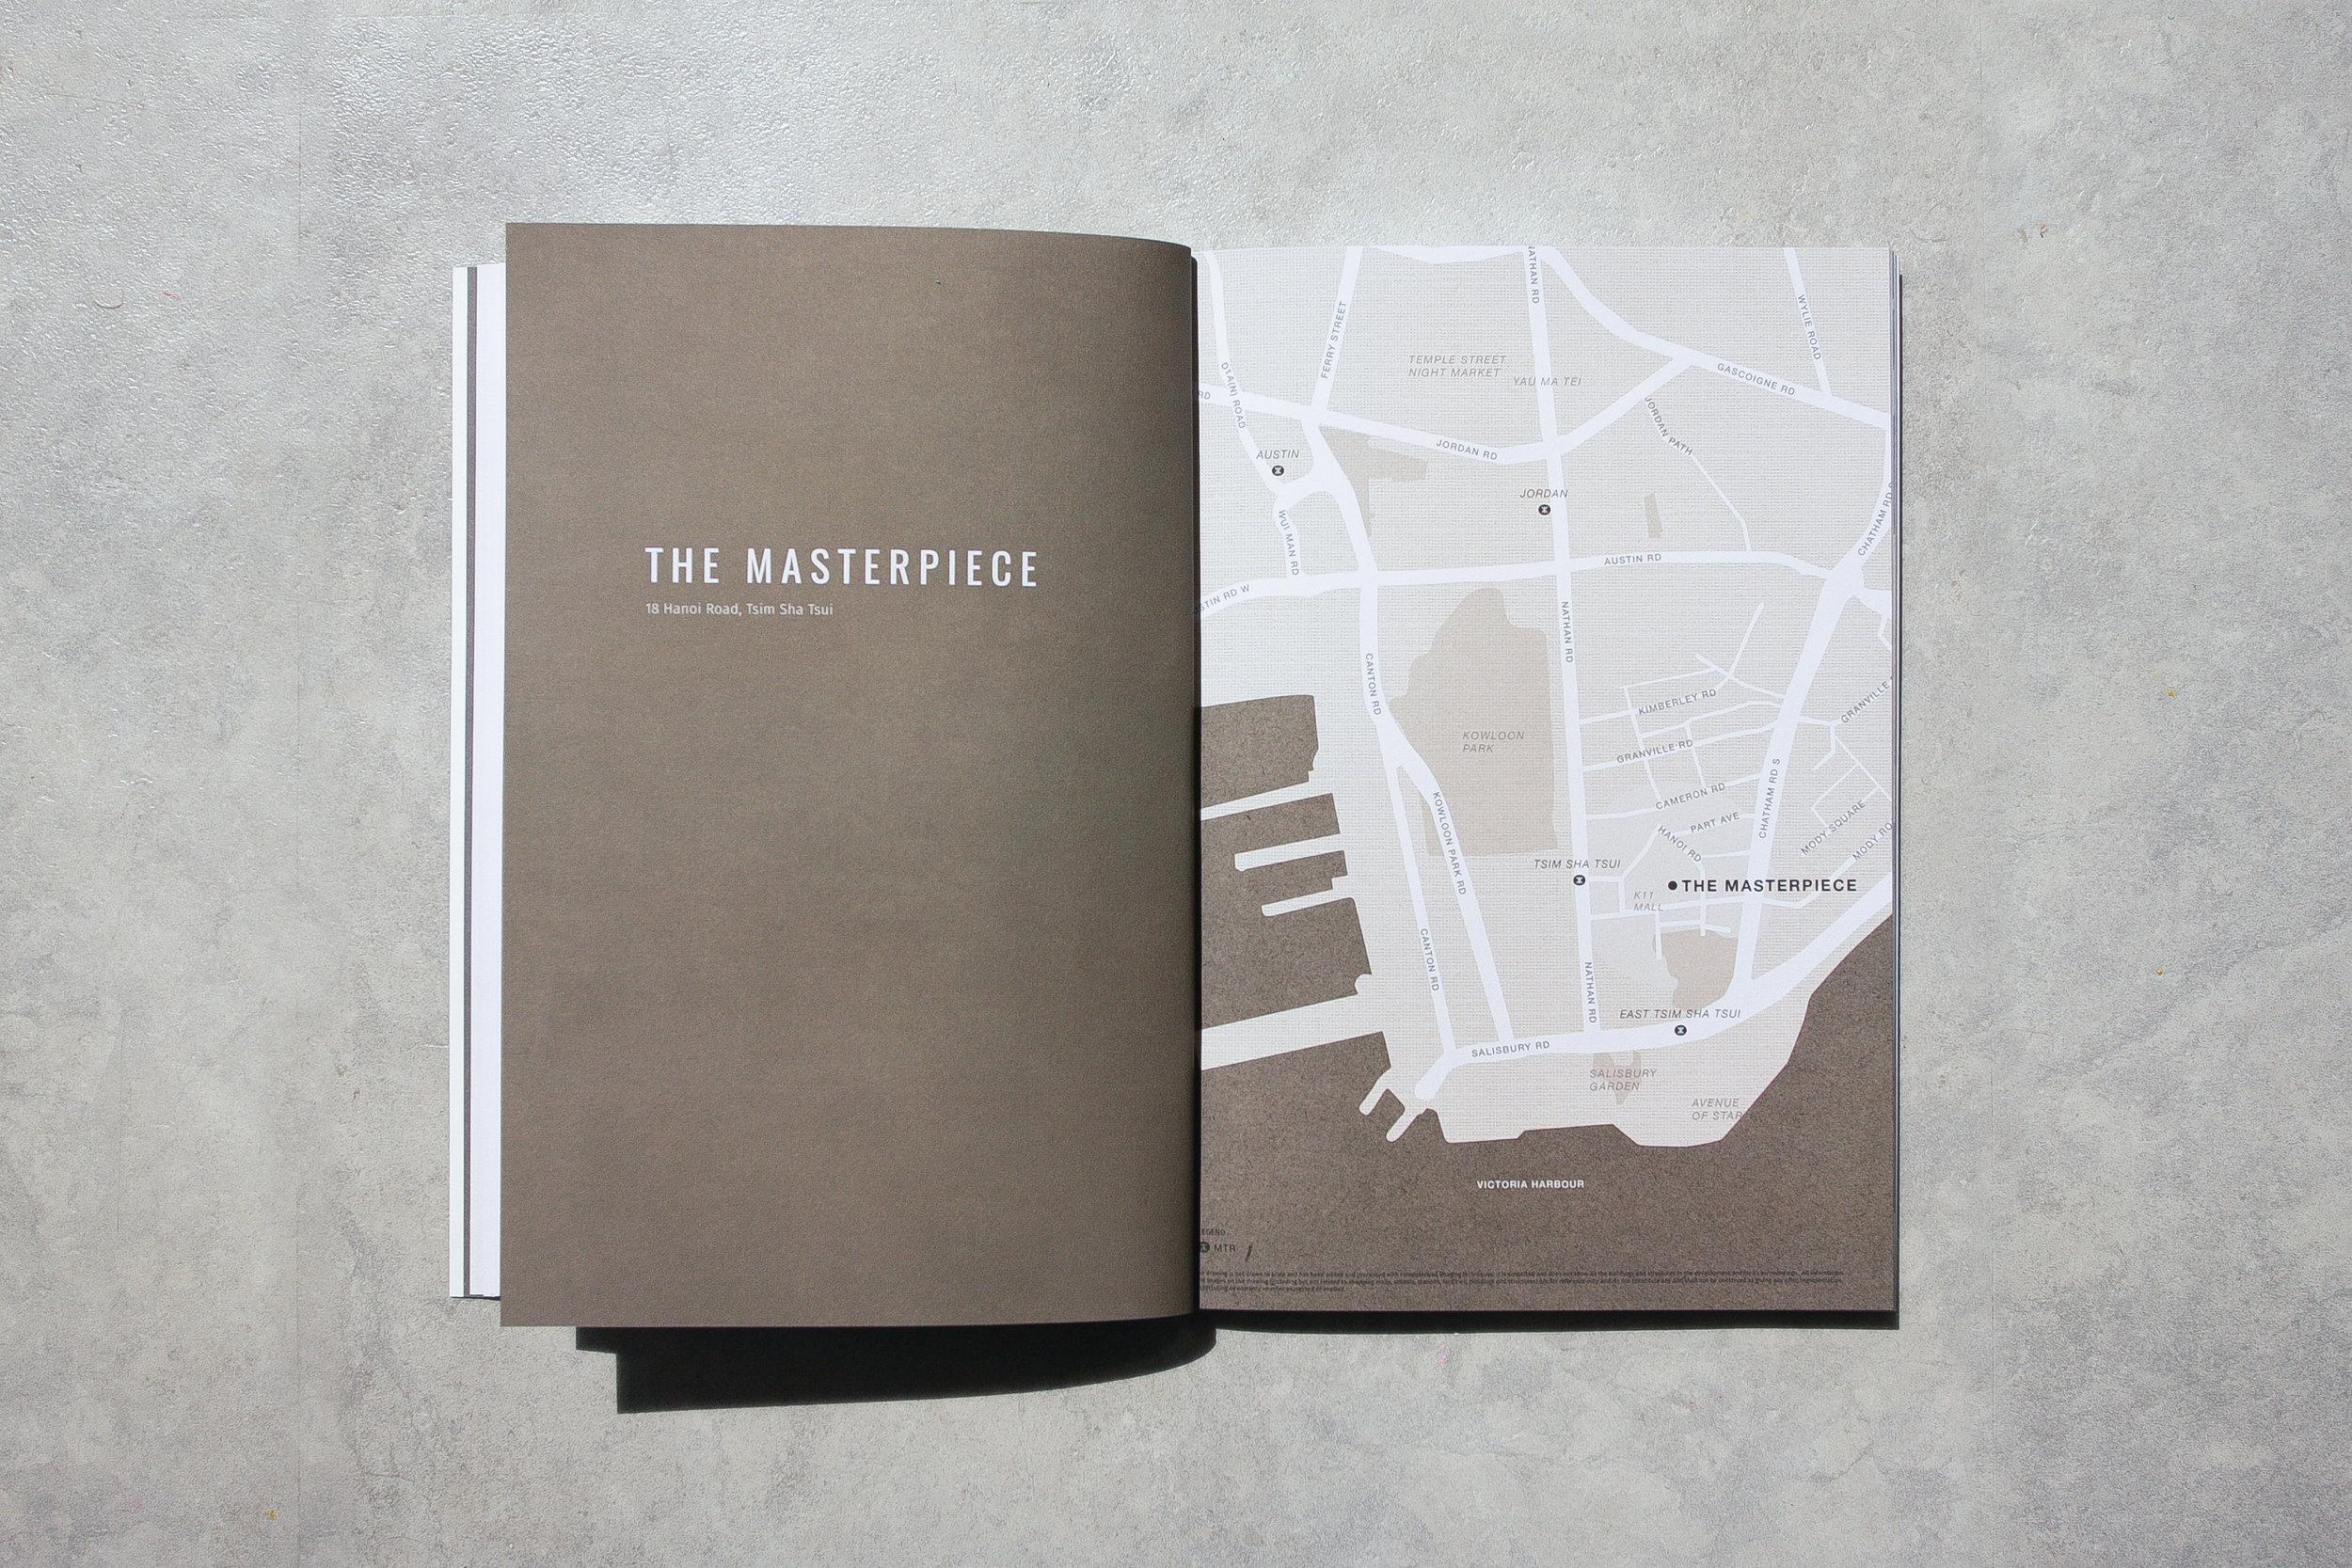 nwd_artisanal movement booklet_012.jpg